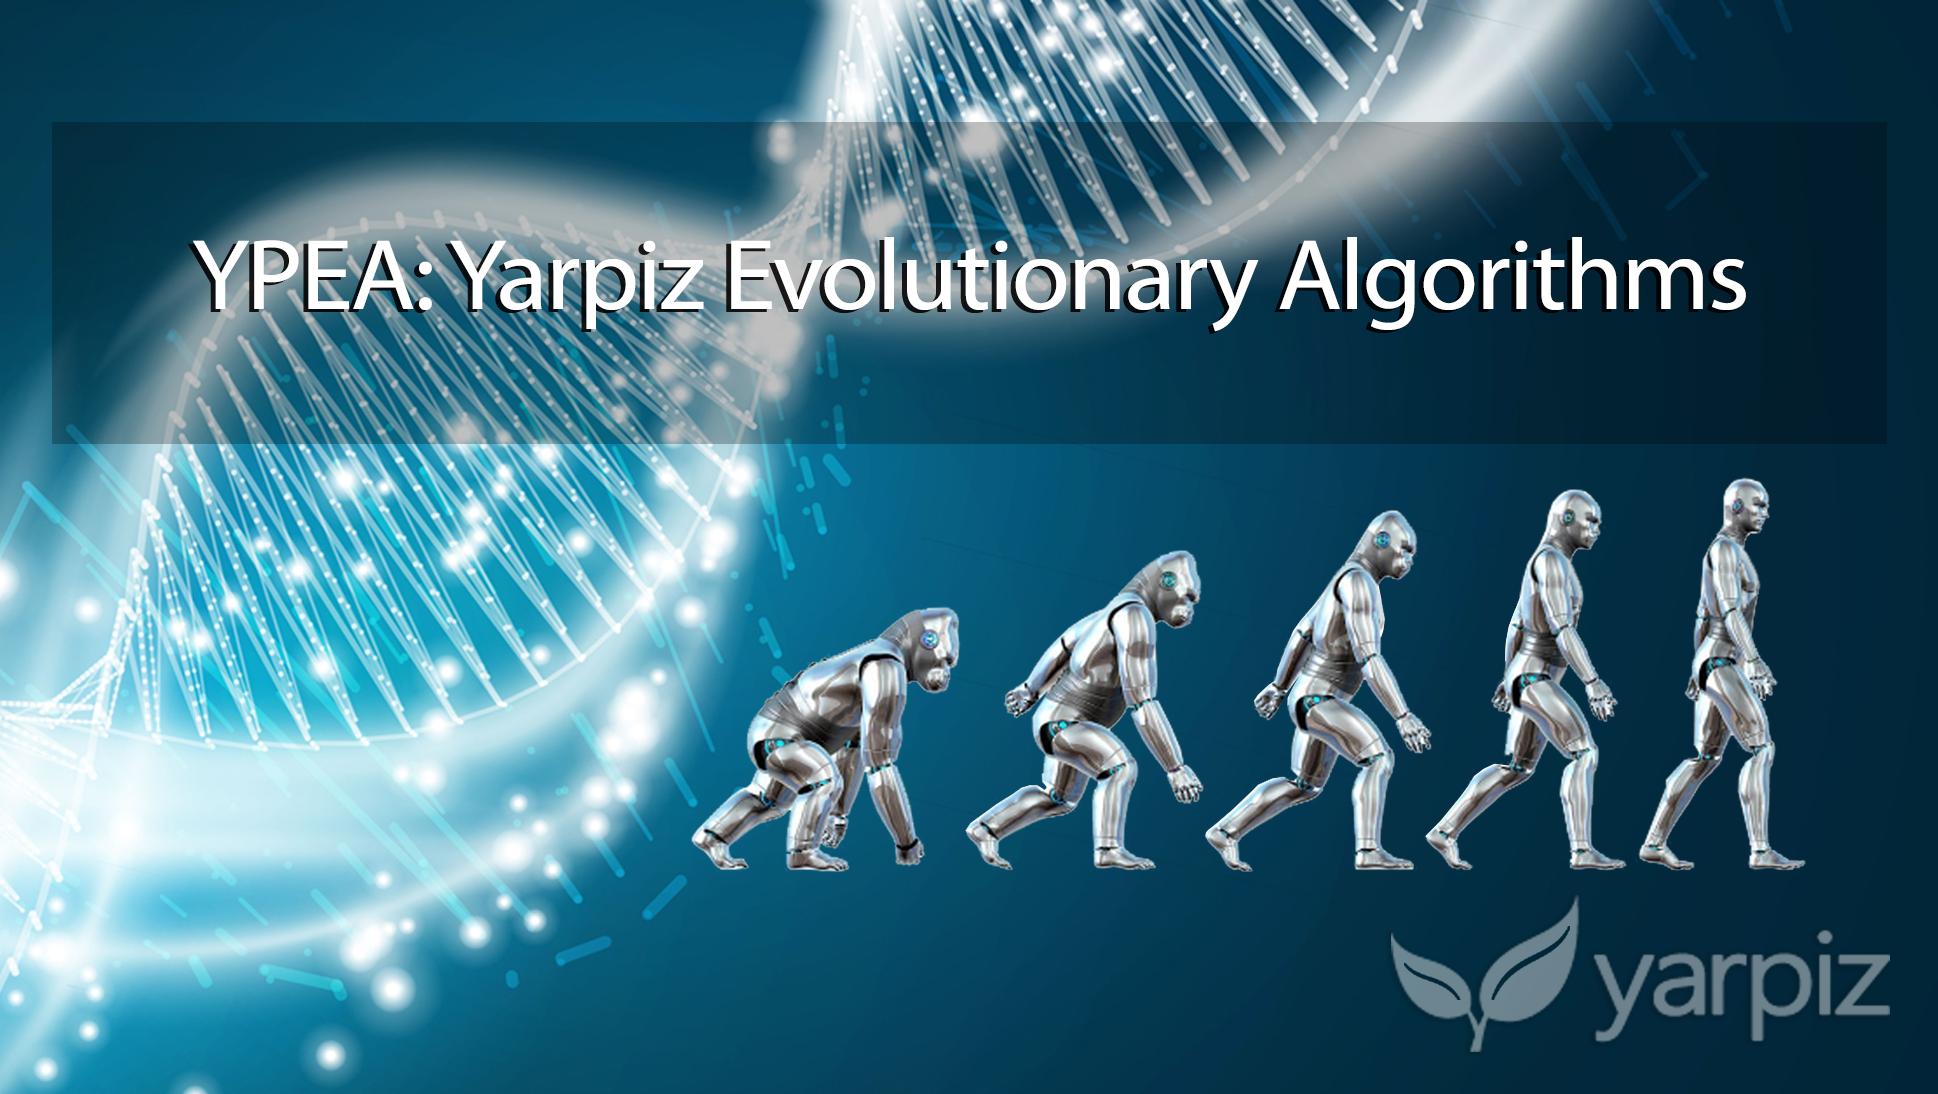 YPEA: Yarpiz Evolutionary Algorithms - Yarpiz